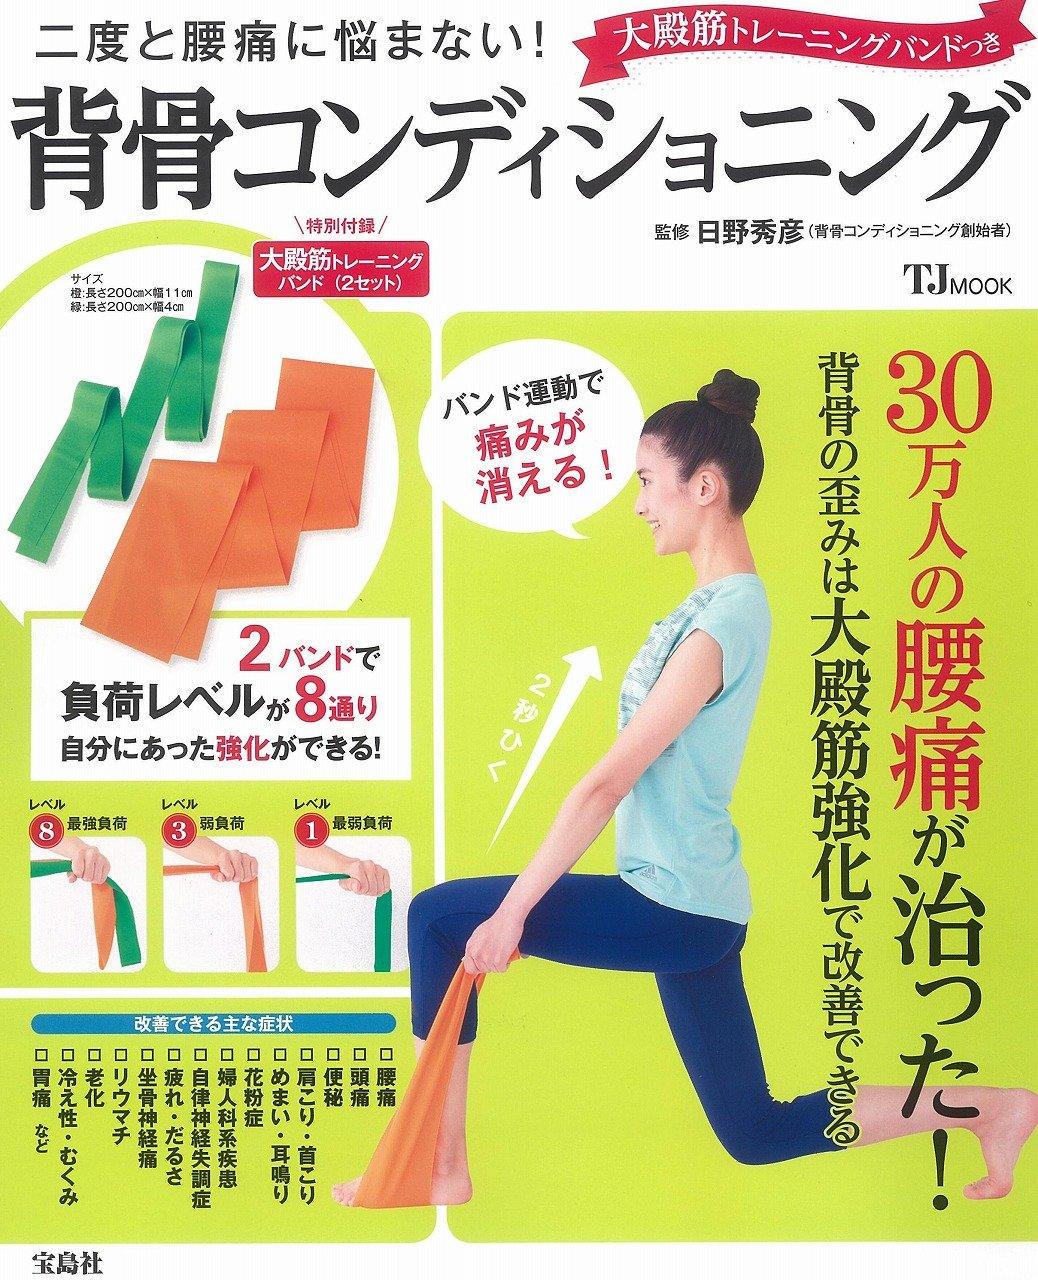 根本から腰痛を治したい人へ。筋力トレーニングを付属のエクササイズバンドでしっかりと行えます。